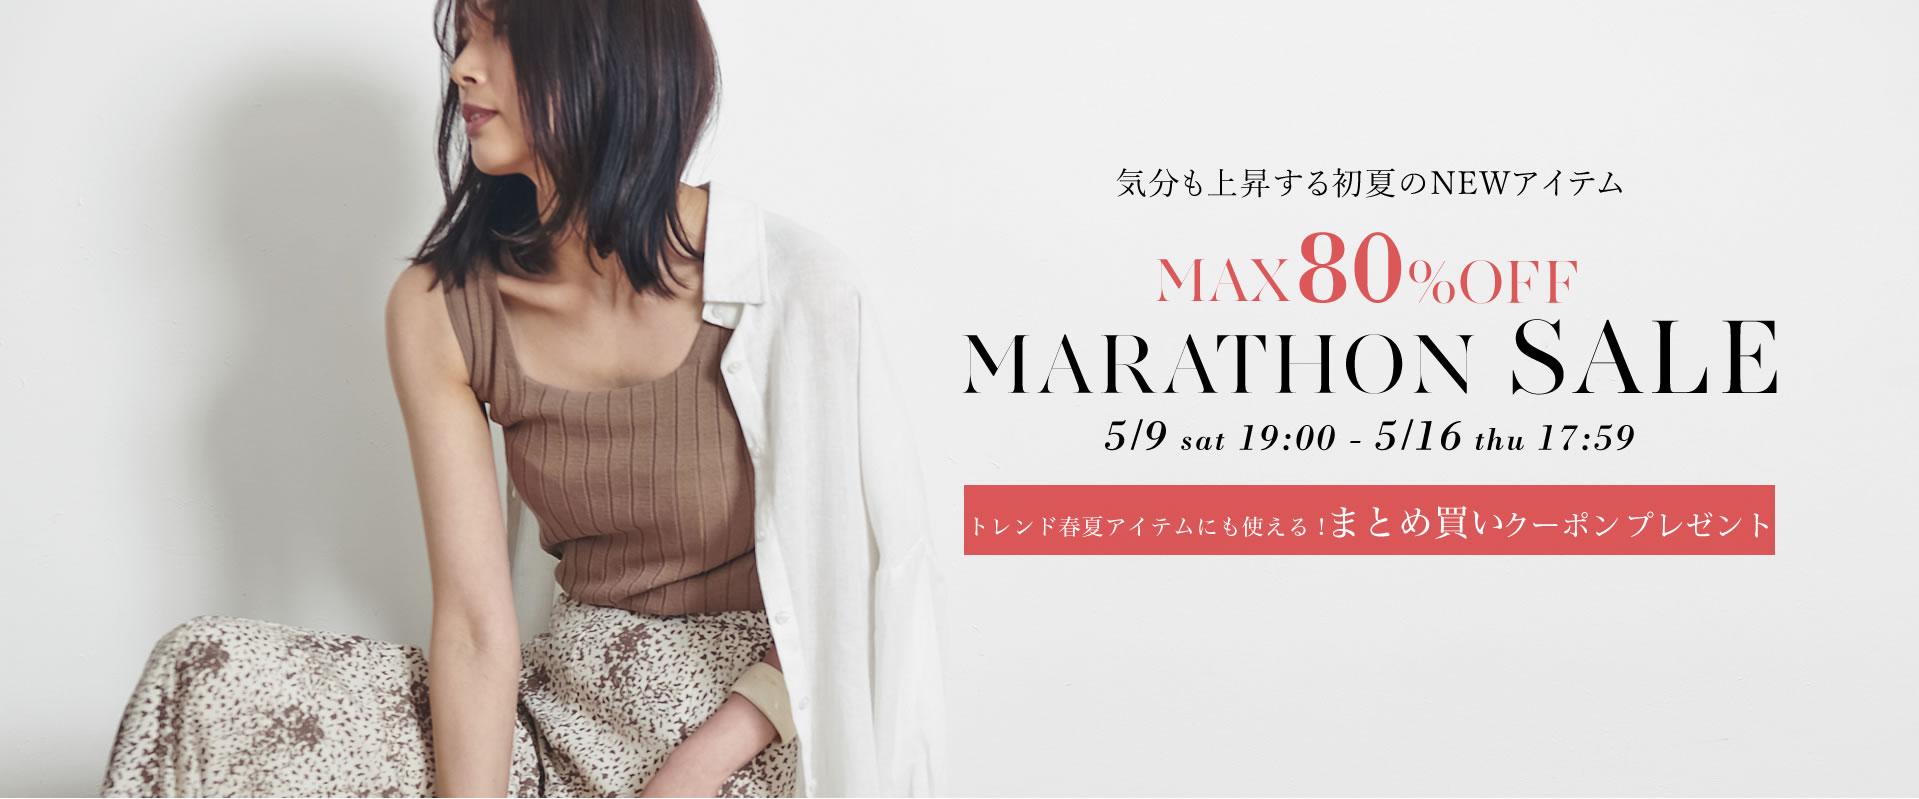 main1_pc.jpg